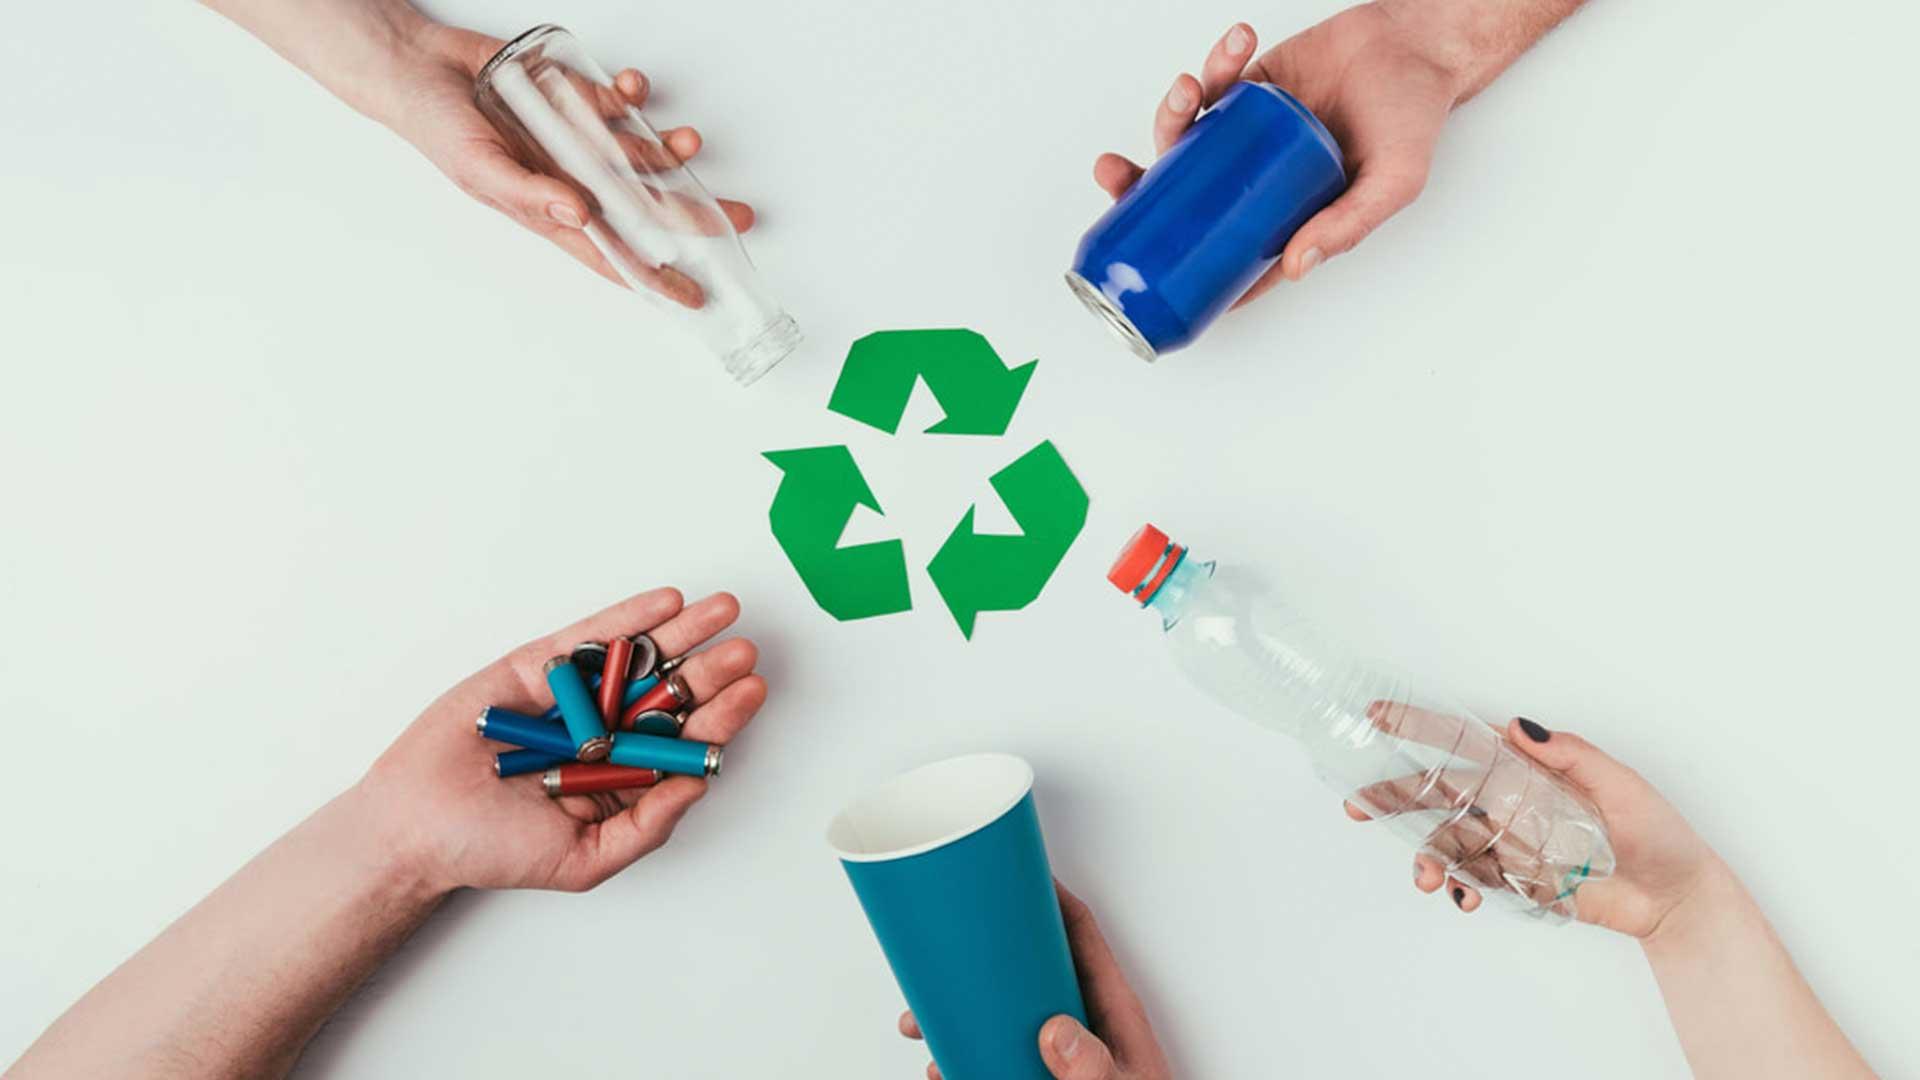 Plastic Waste Land